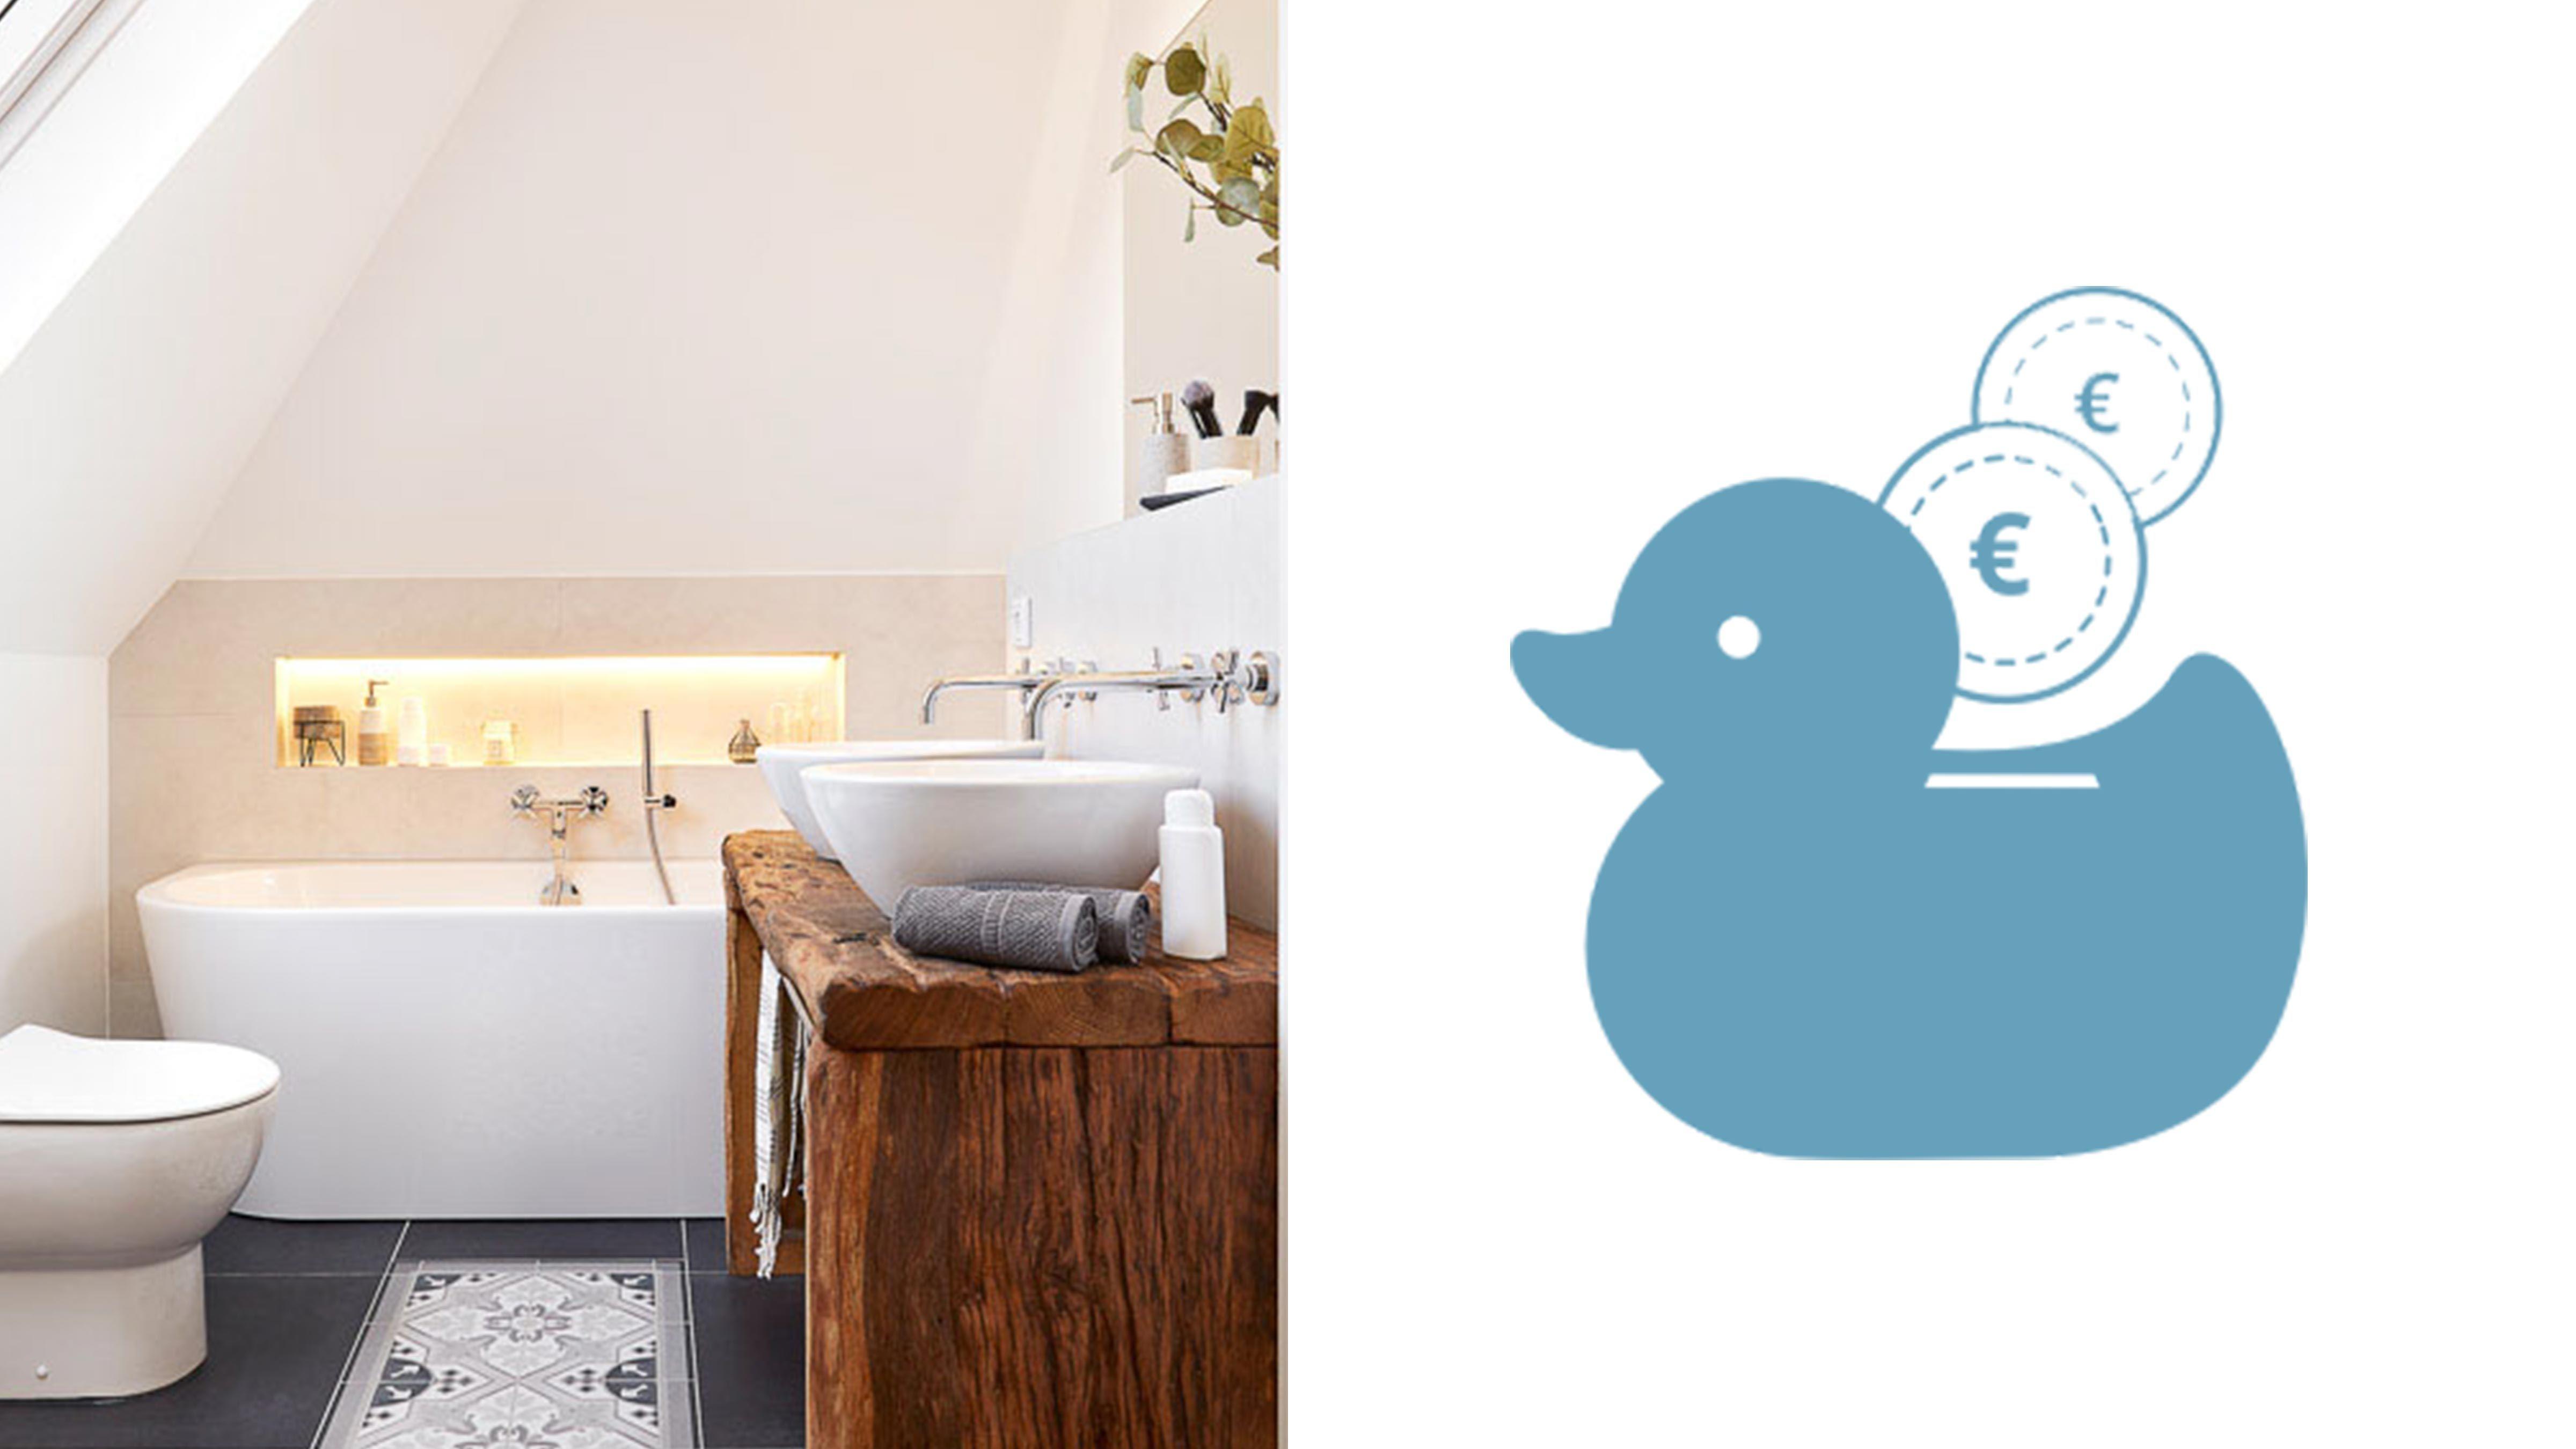 Badsanierung Zum Festpreis Badsanierung Renovierung Badezimmer Renovierungen